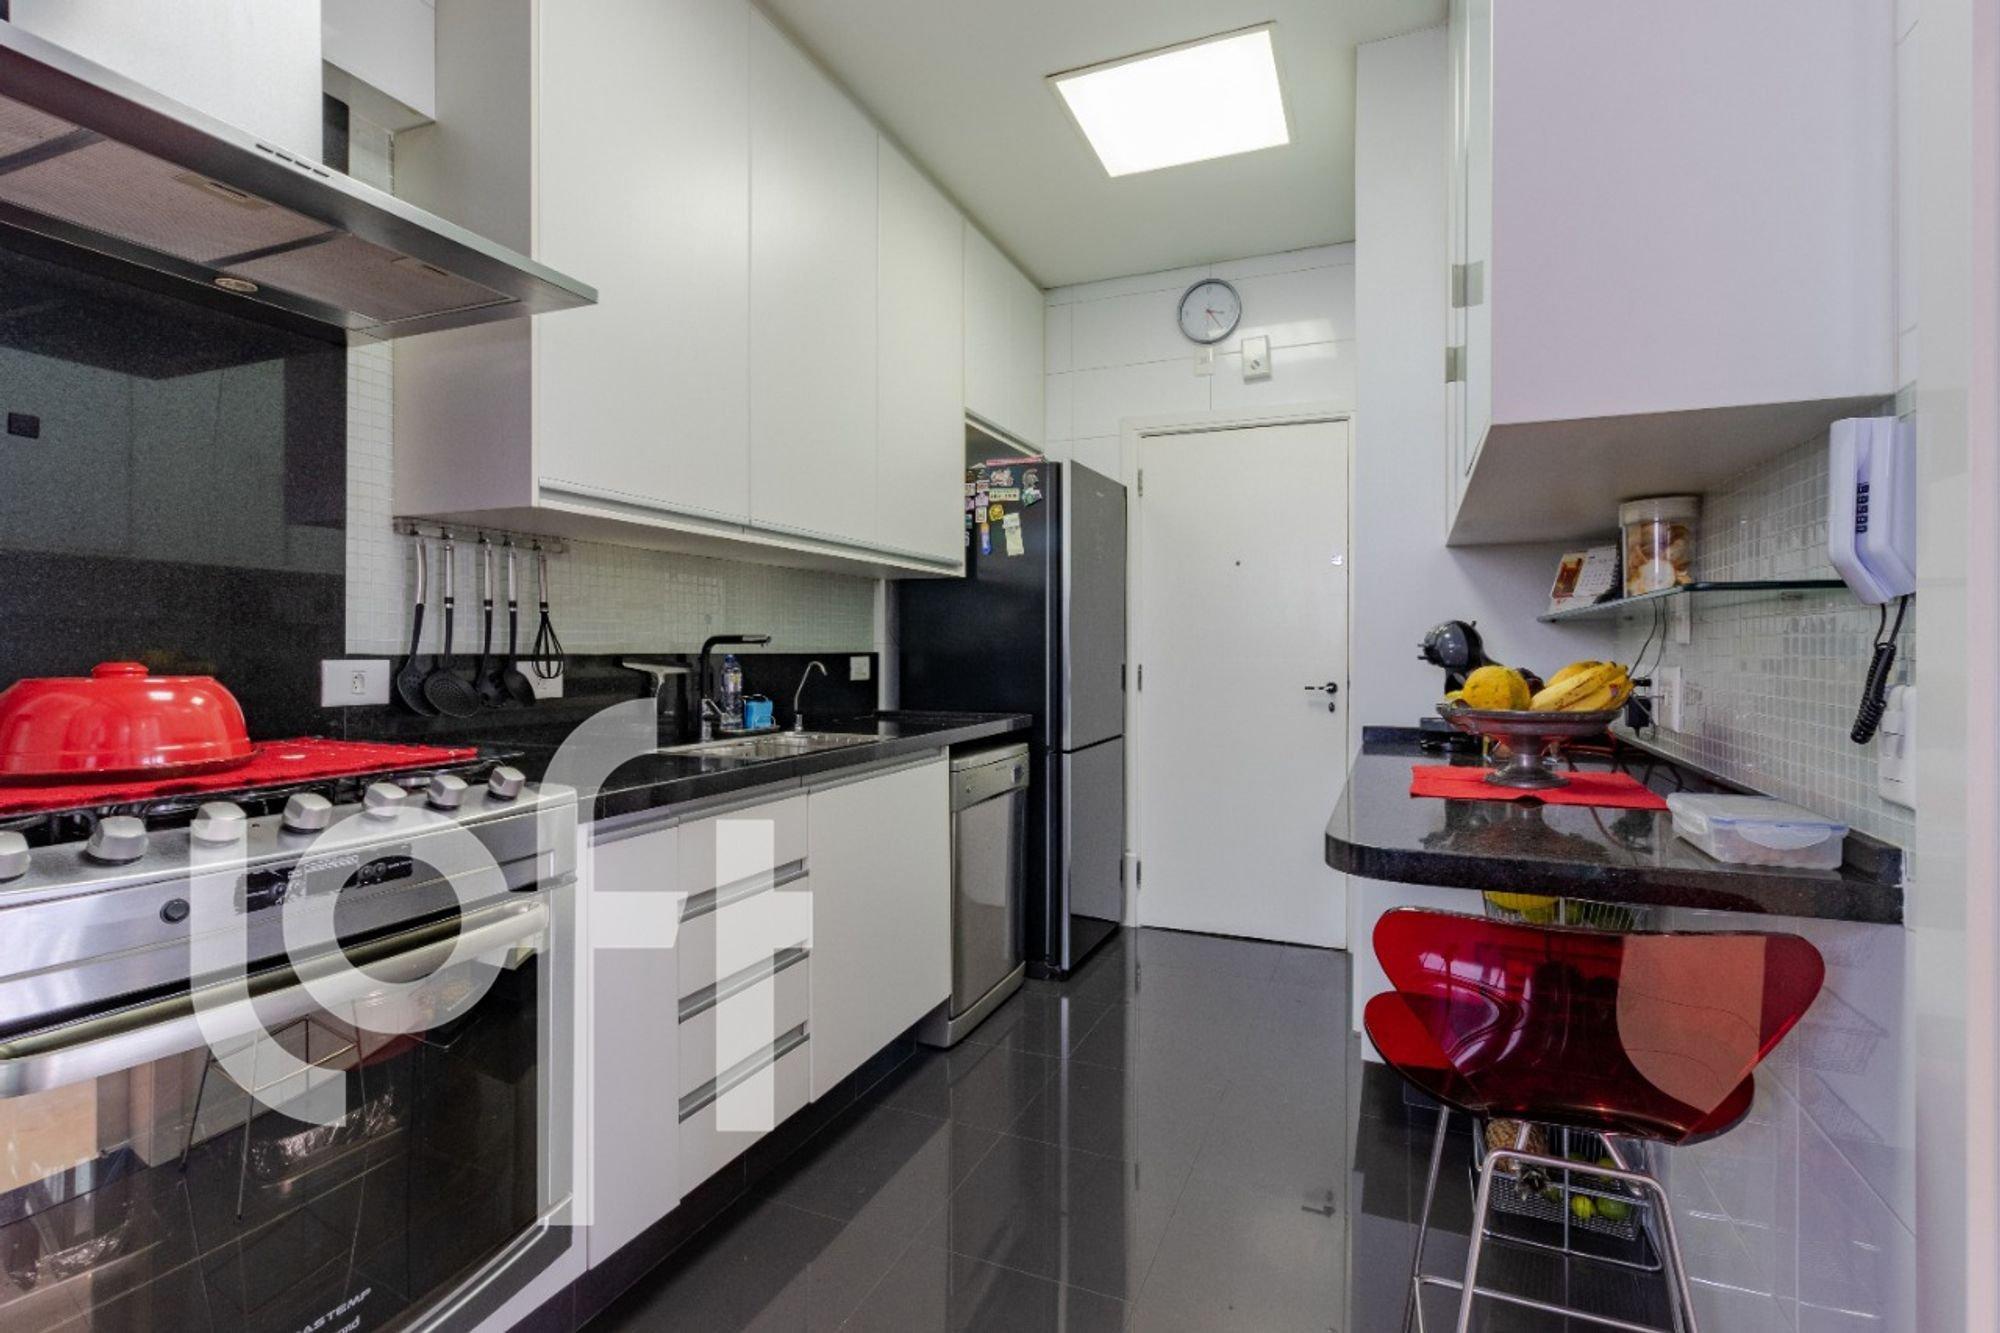 Foto de Cozinha com forno, geladeira, relógio